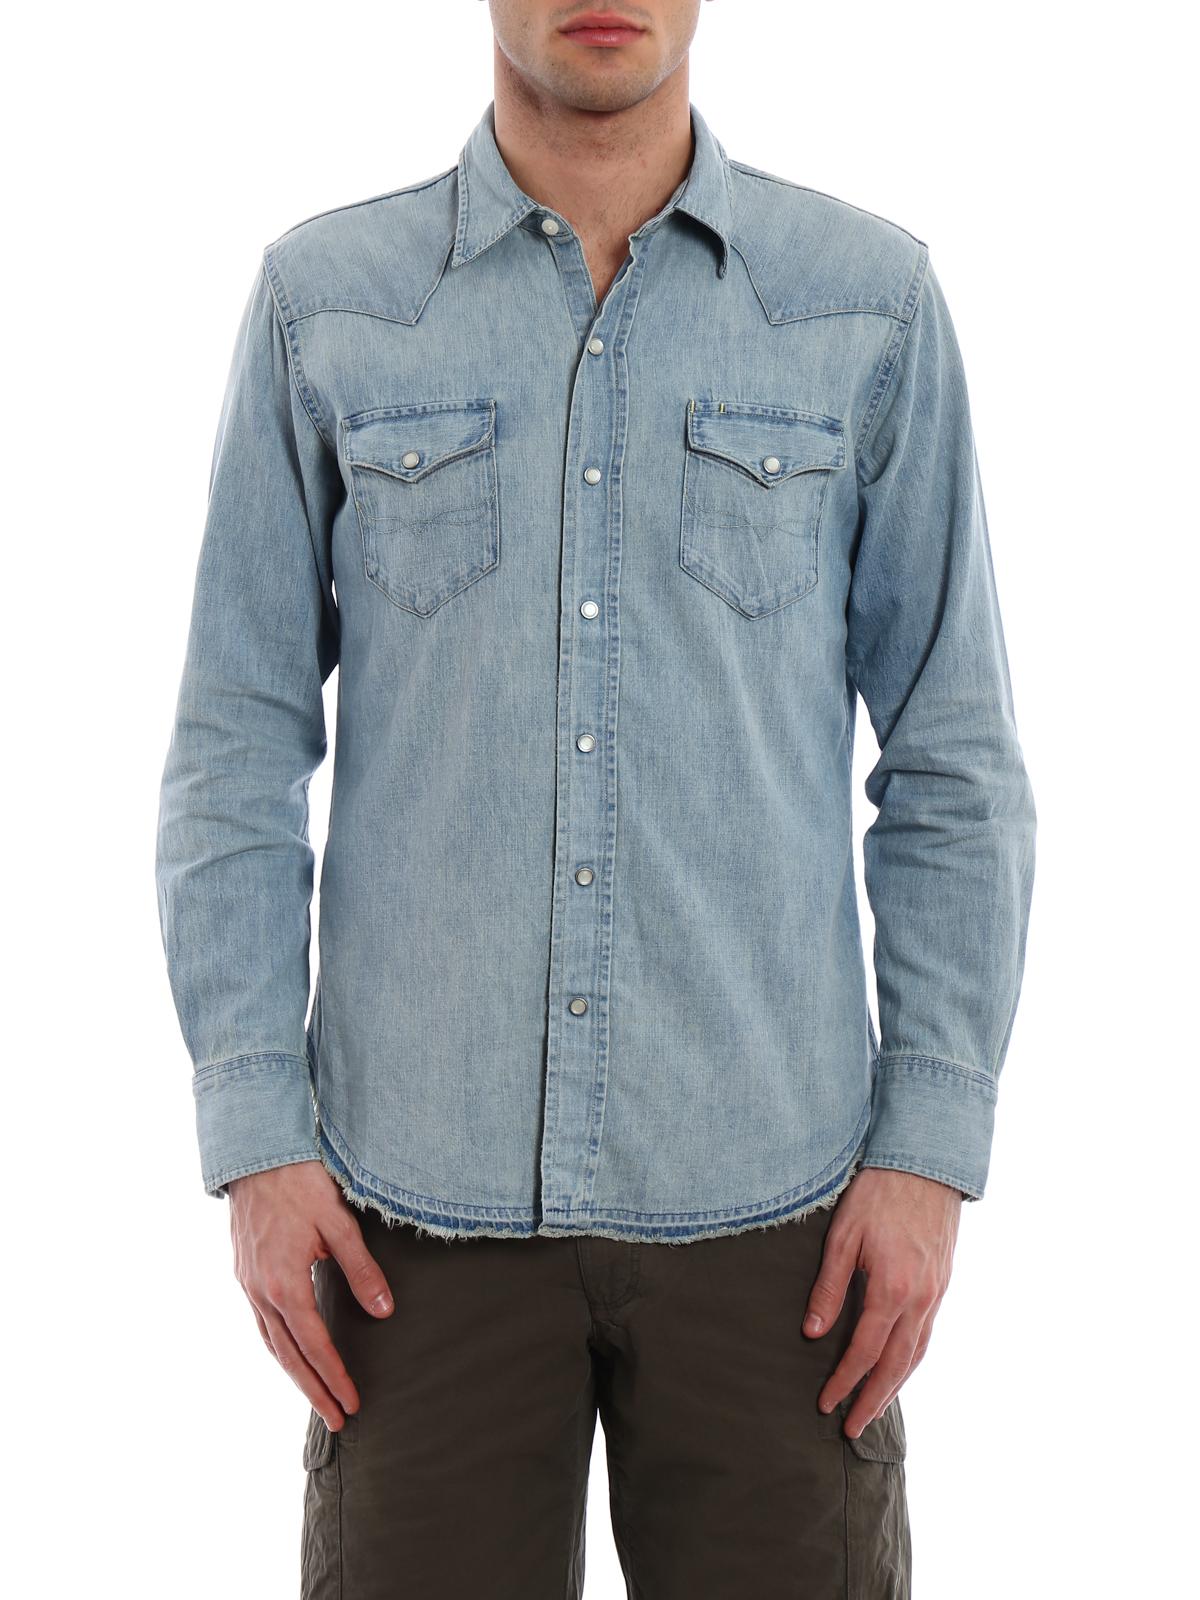 new arrival 6dbfe 19ae6 Polo Ralph Lauren - Camicia di jeans classica - camicie ...